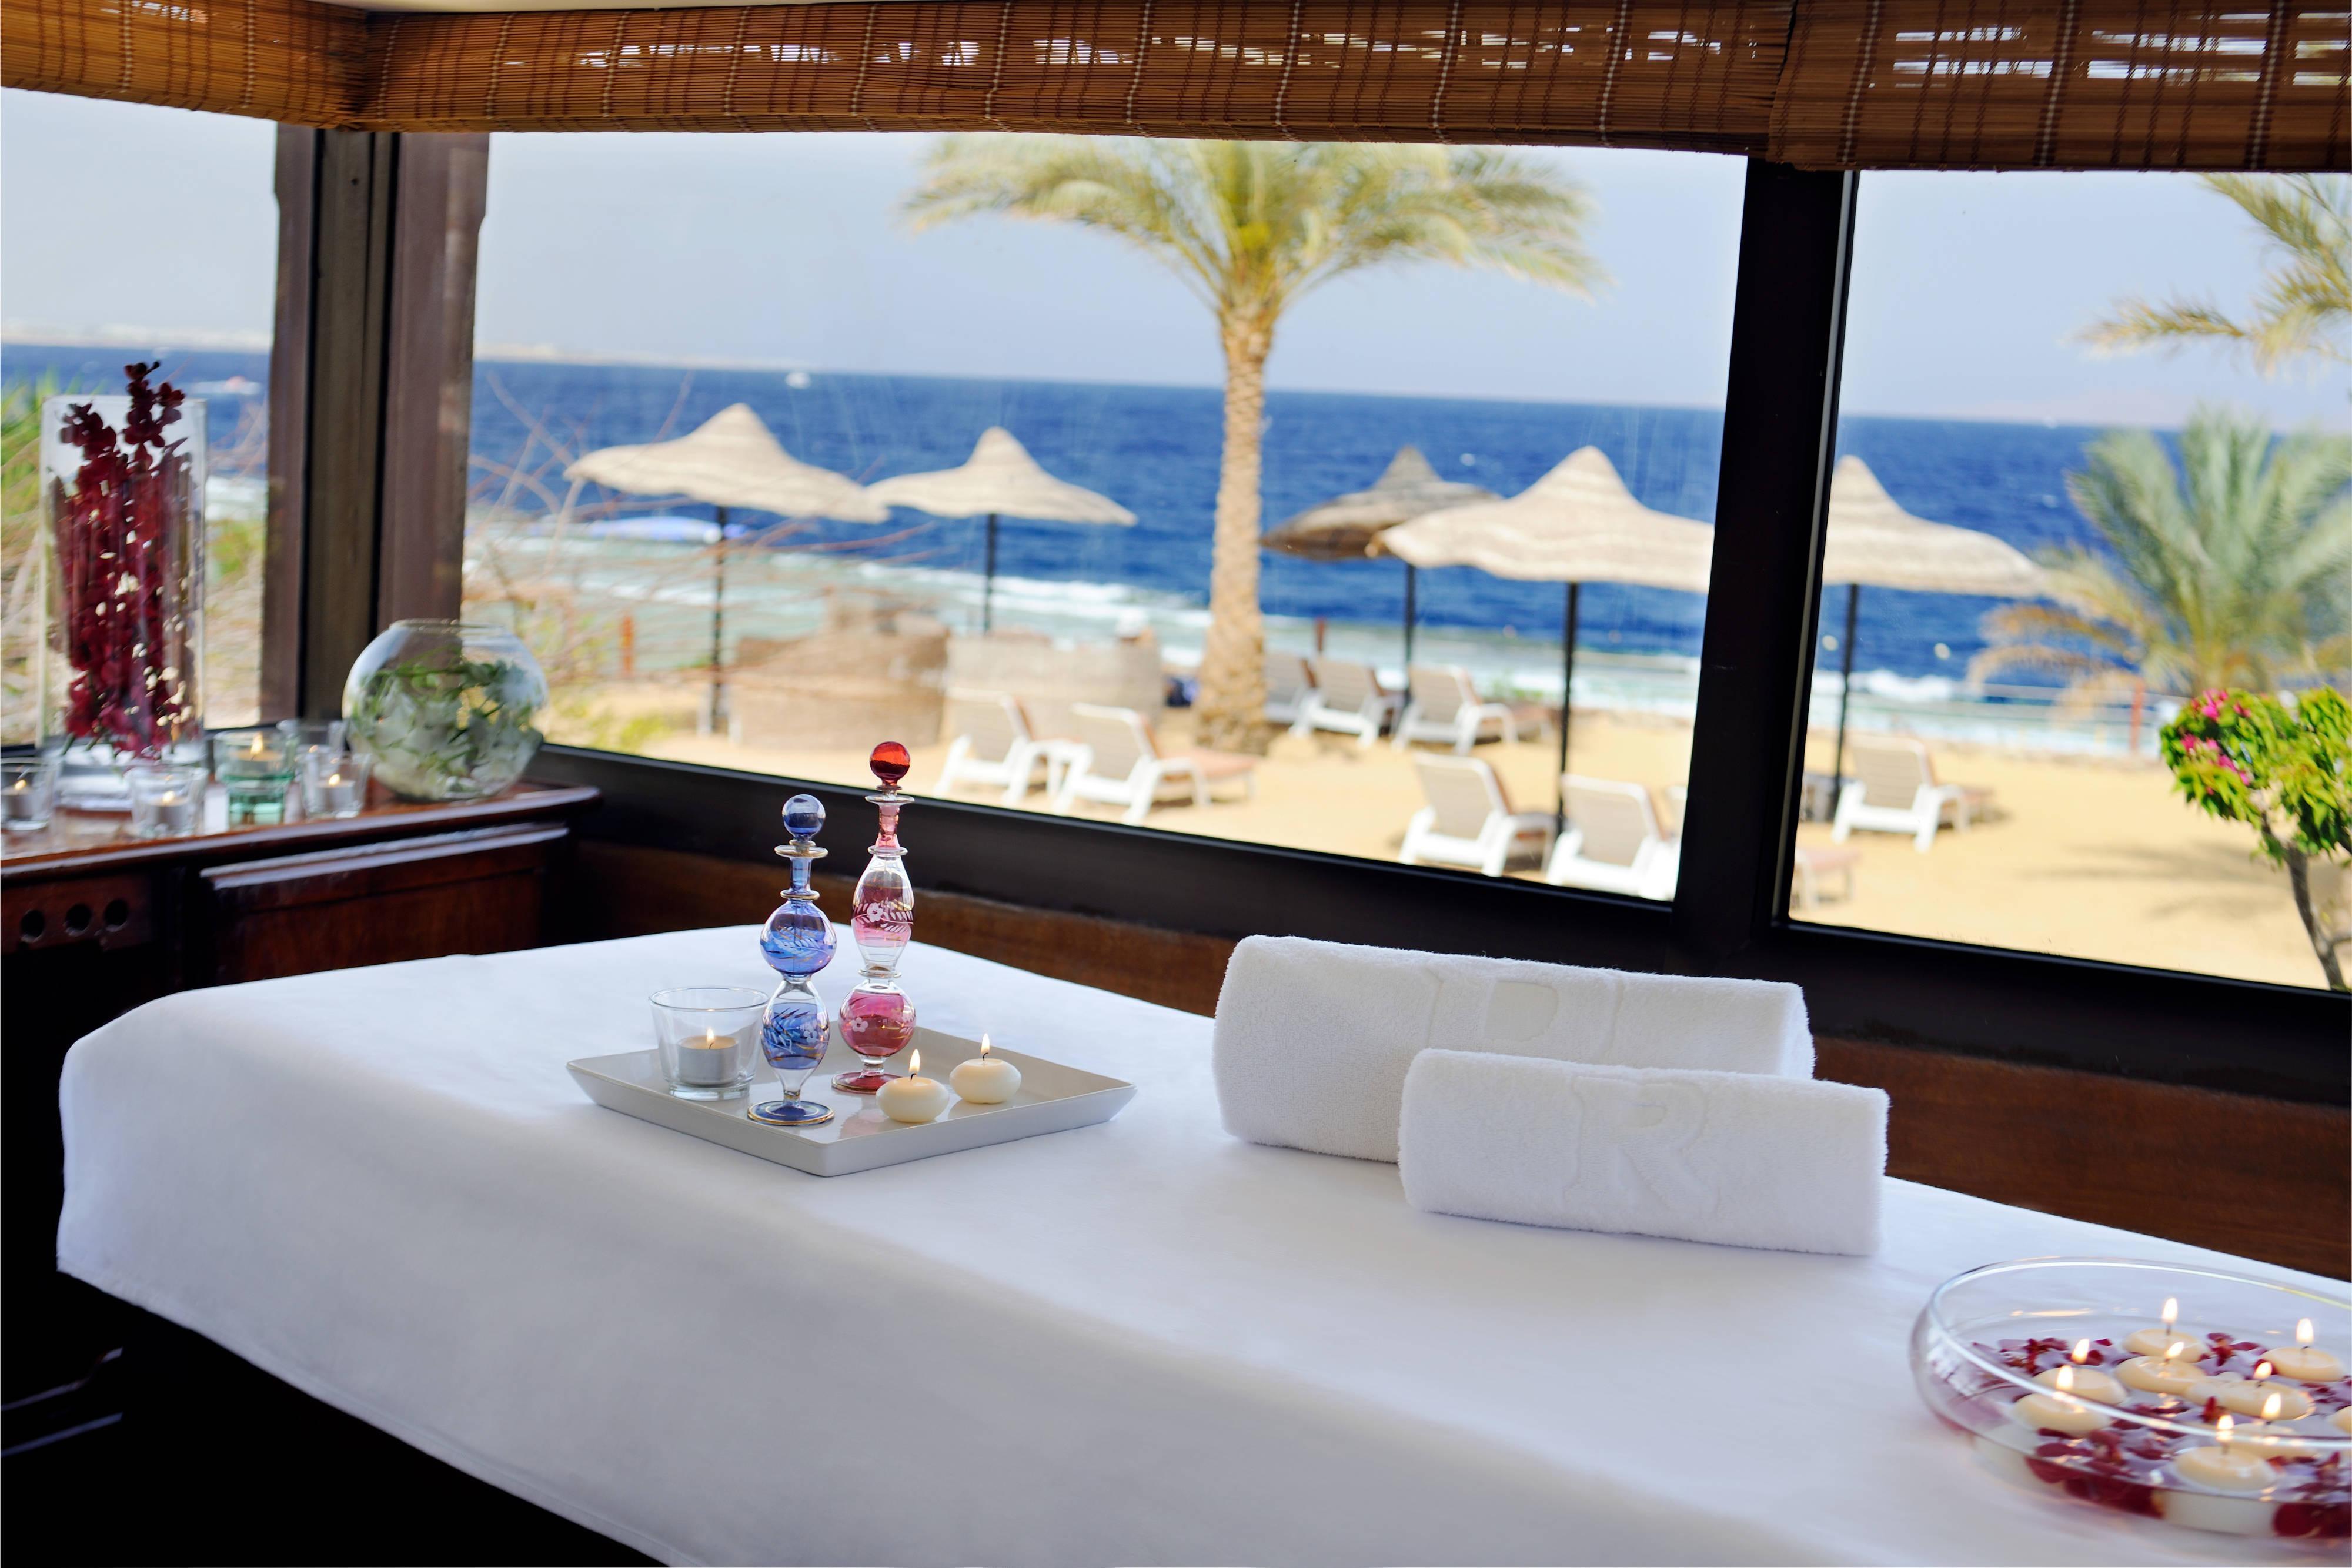 Renaissance Sharm El Sheikh Resort massage room